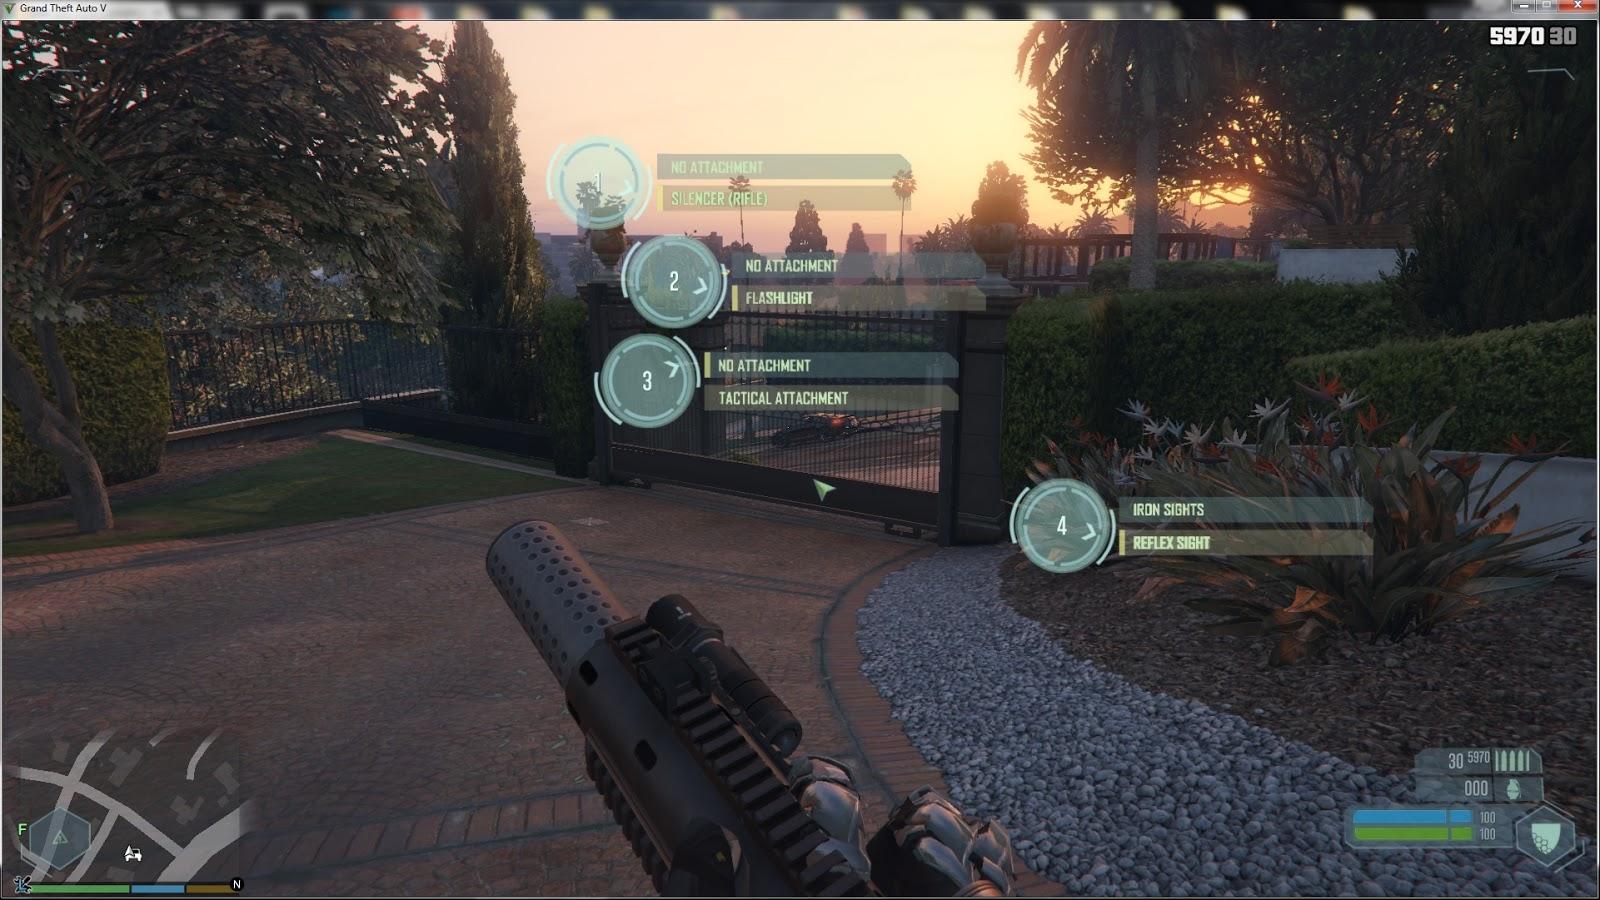 WIP] GTA V - Crysis script mod | GTA V